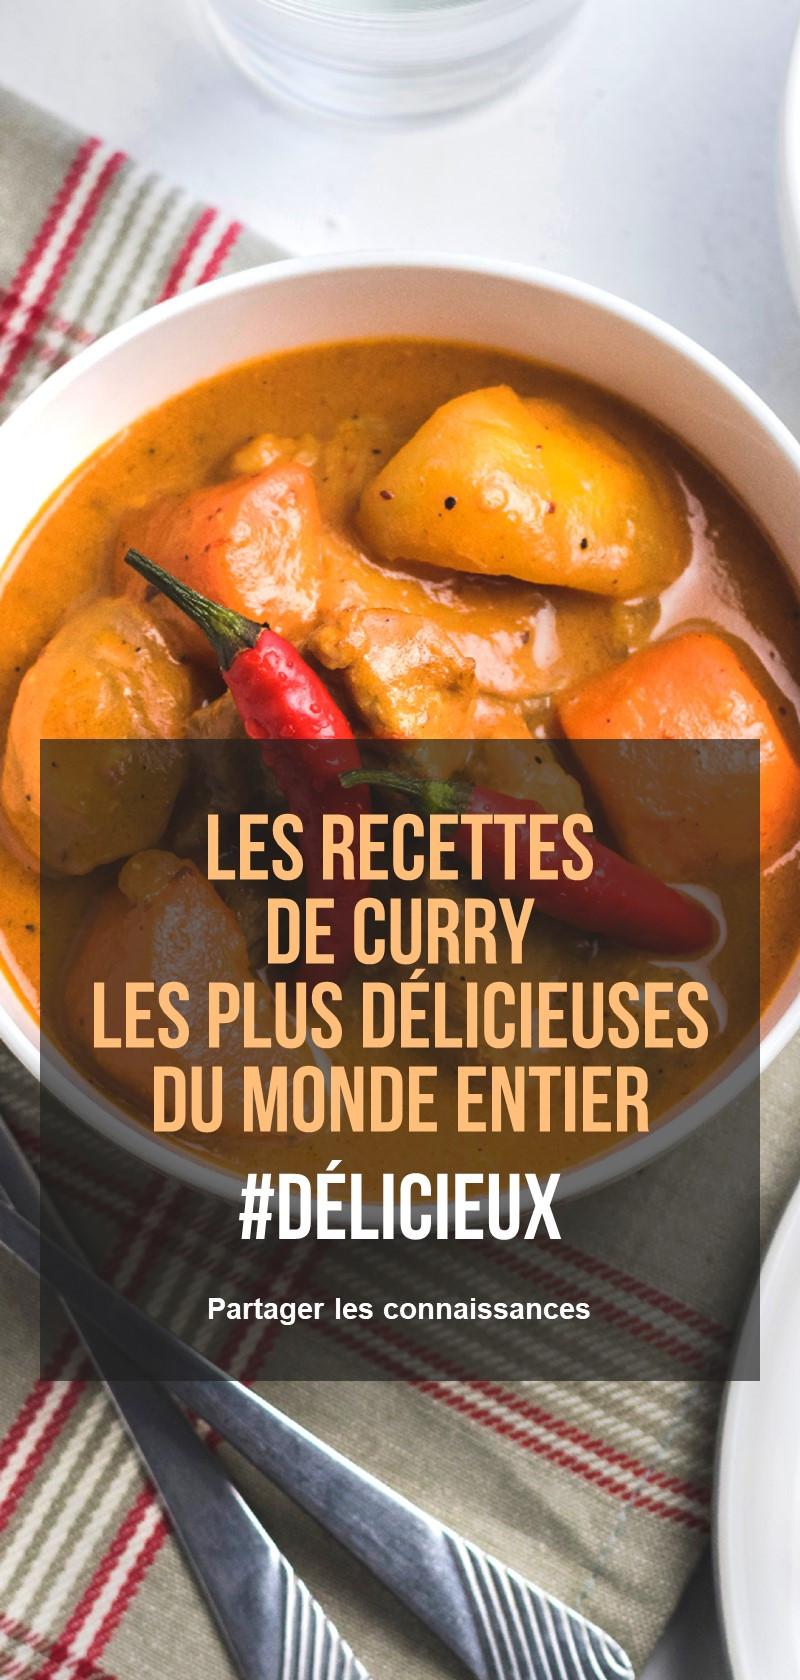 Les Recettes De Curry Les Plus Delicieuses Du Monde Entier